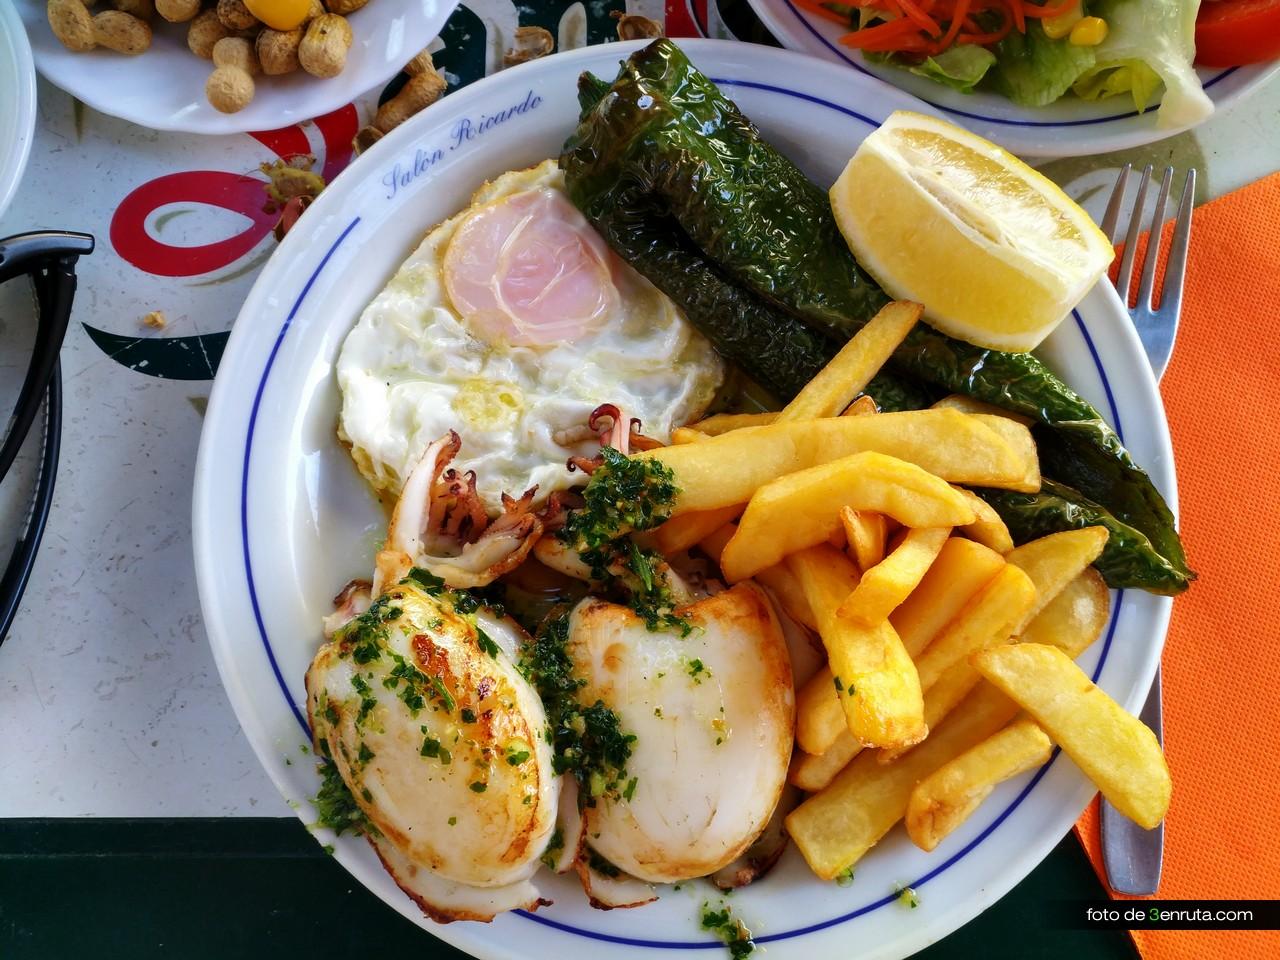 Menudo almuerzo en el Bar Ricardo